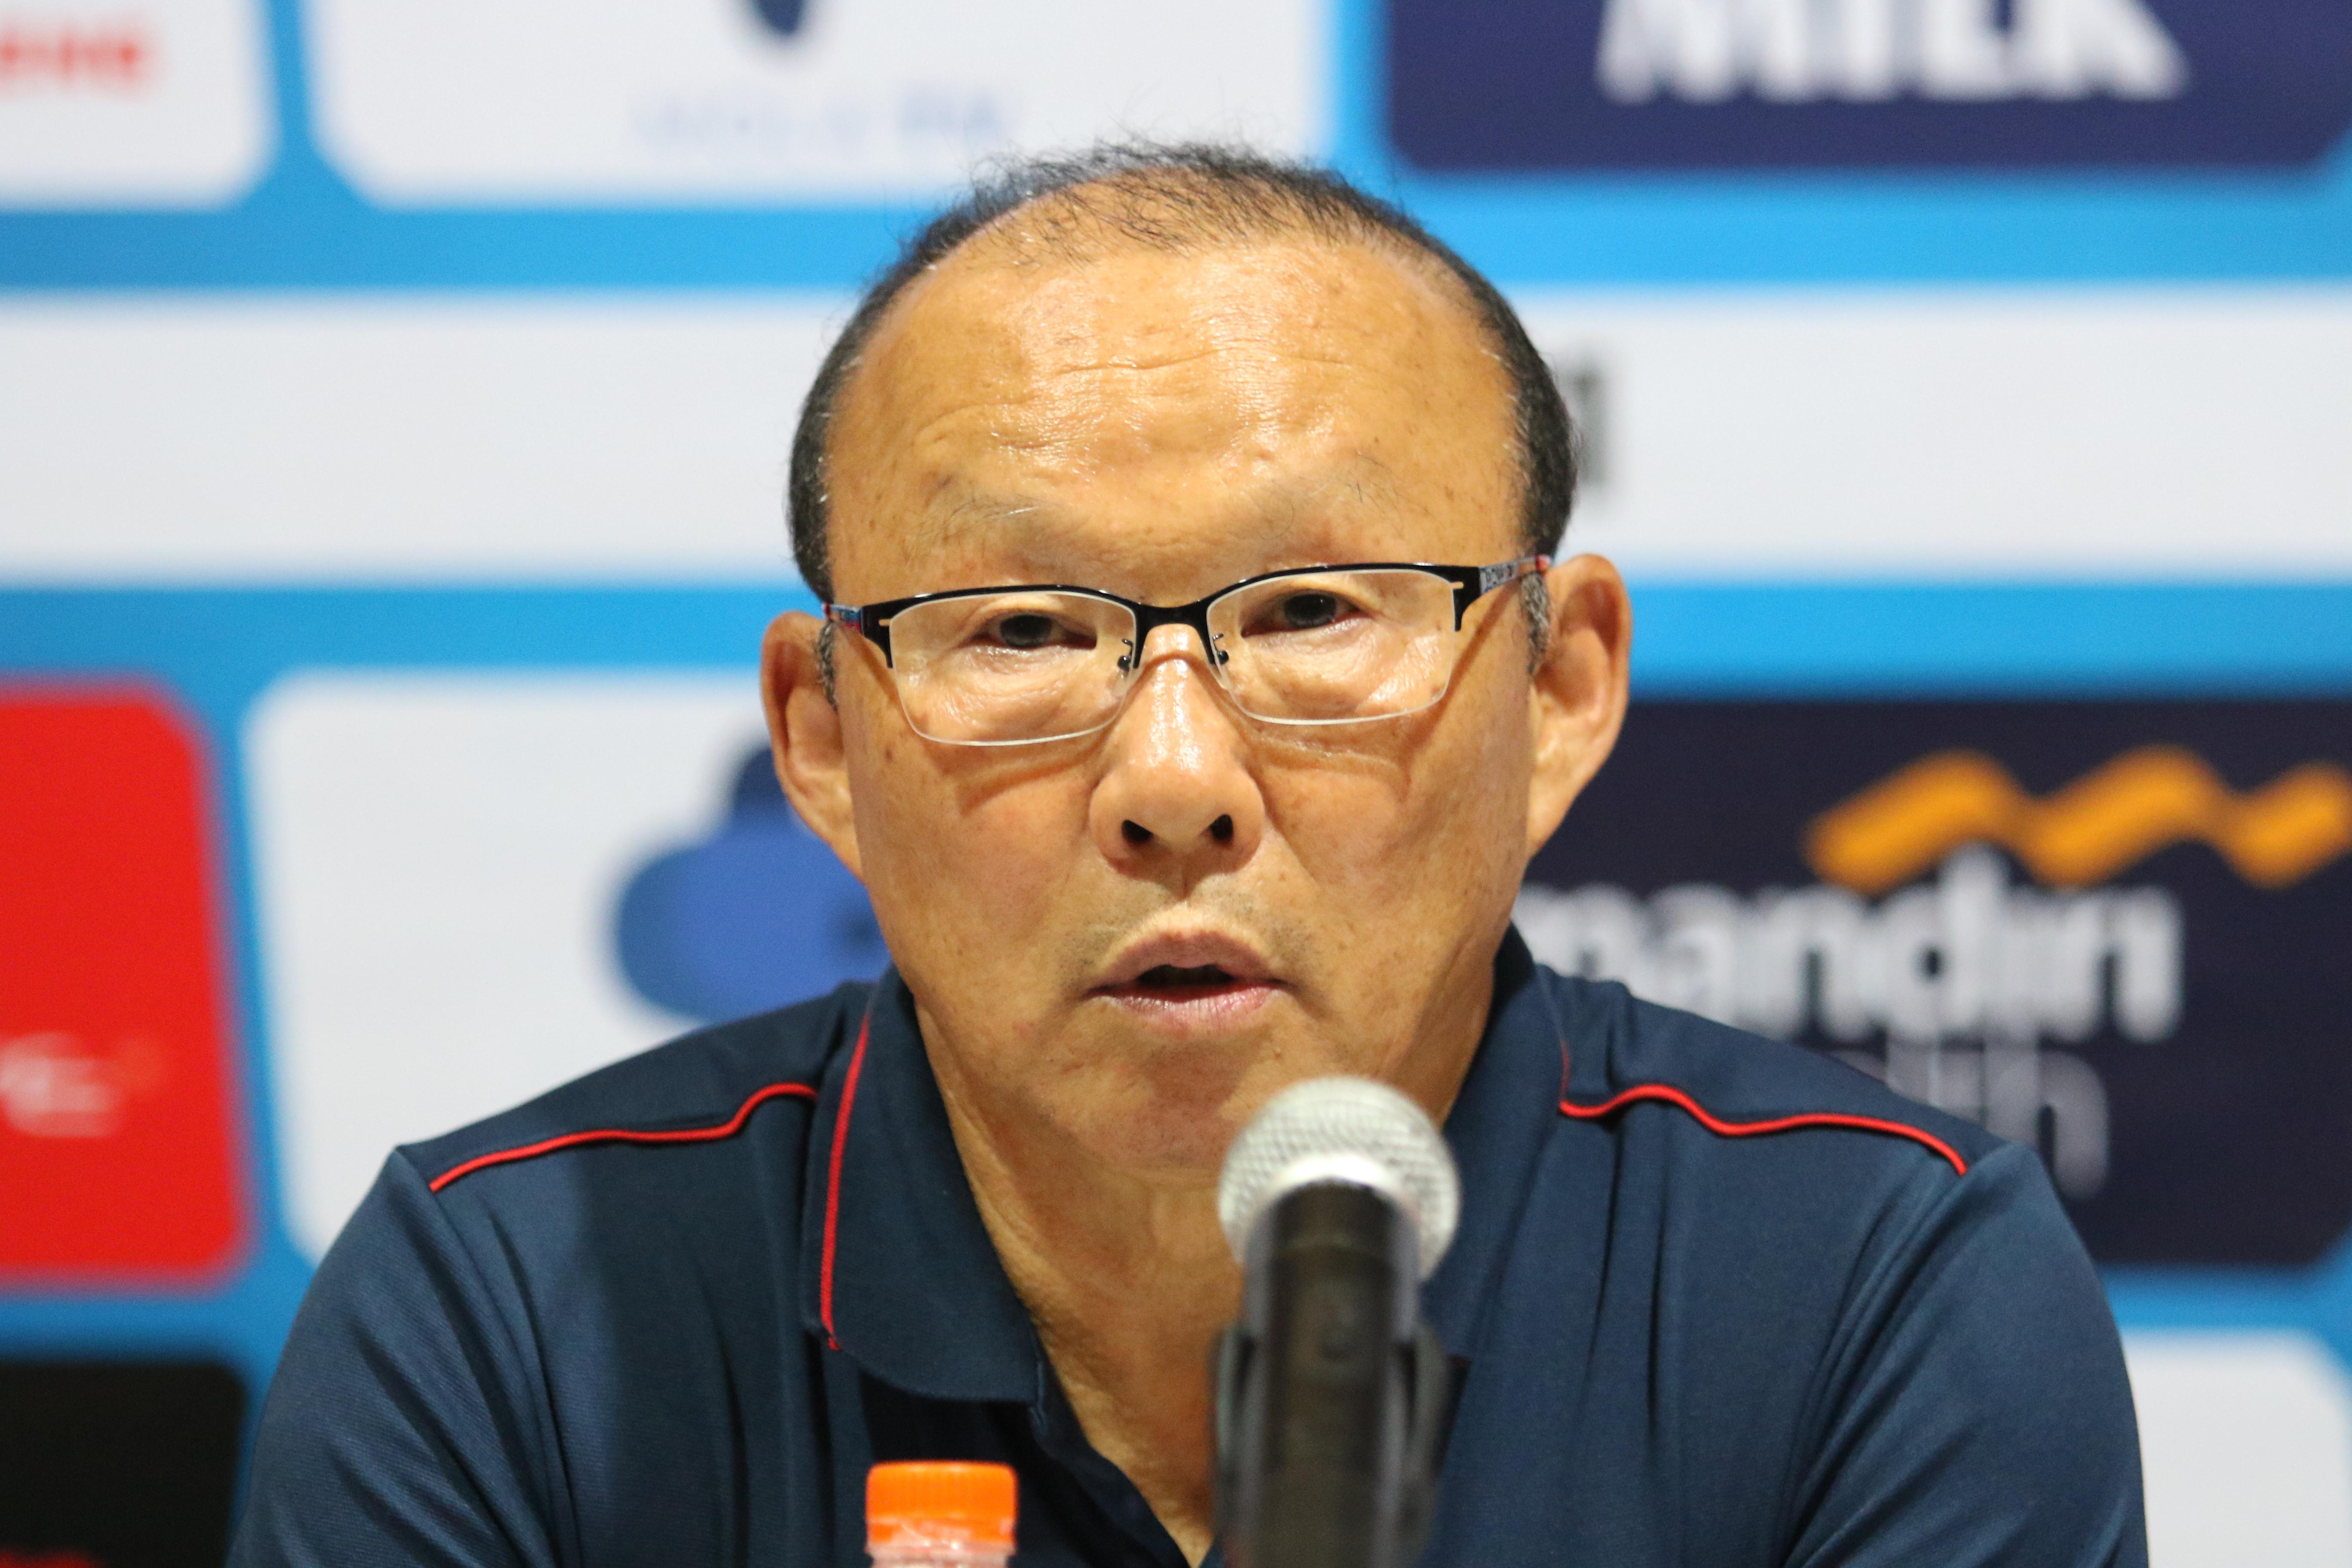 HLV Park Hang-seo hài lòng với chiến thắng 3-1 trên sân Indonesia